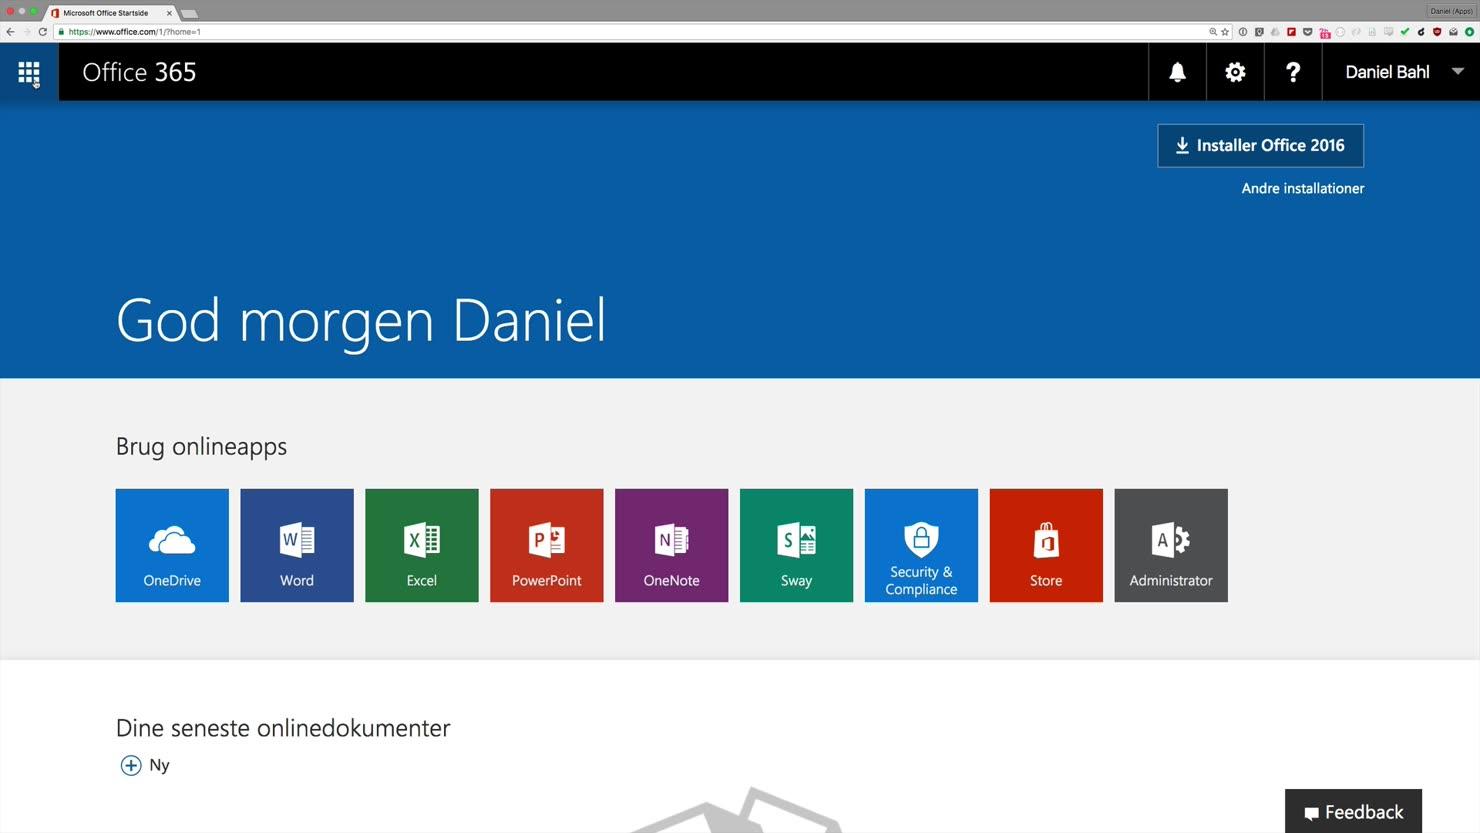 Dit første logon på Office 365